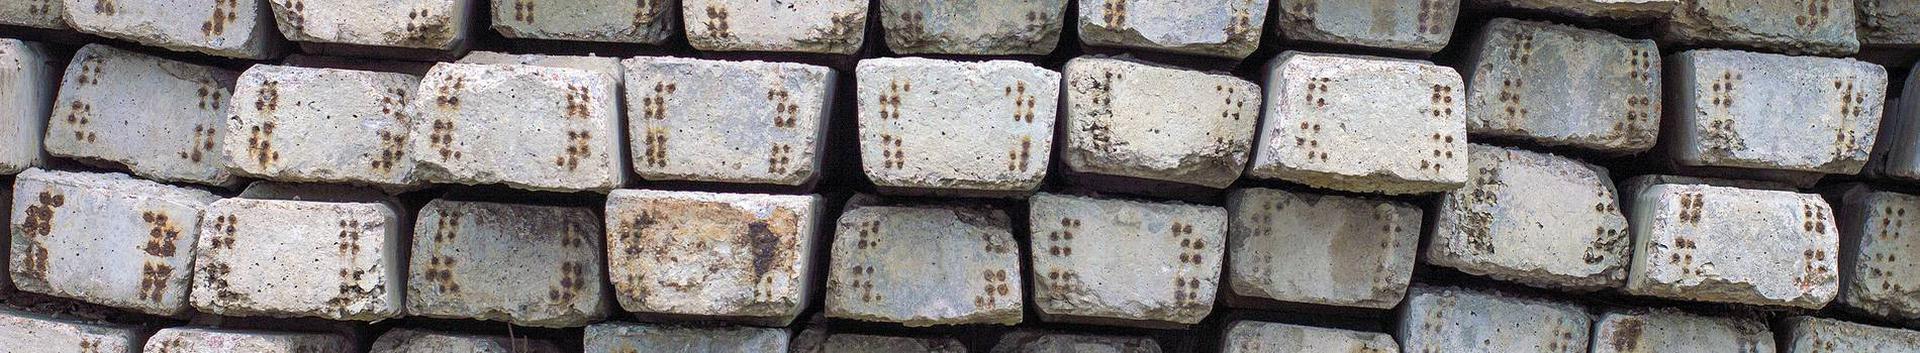 23619_betoonist-muude-ehitustoodete-tootmine_46337301_xl.jpg